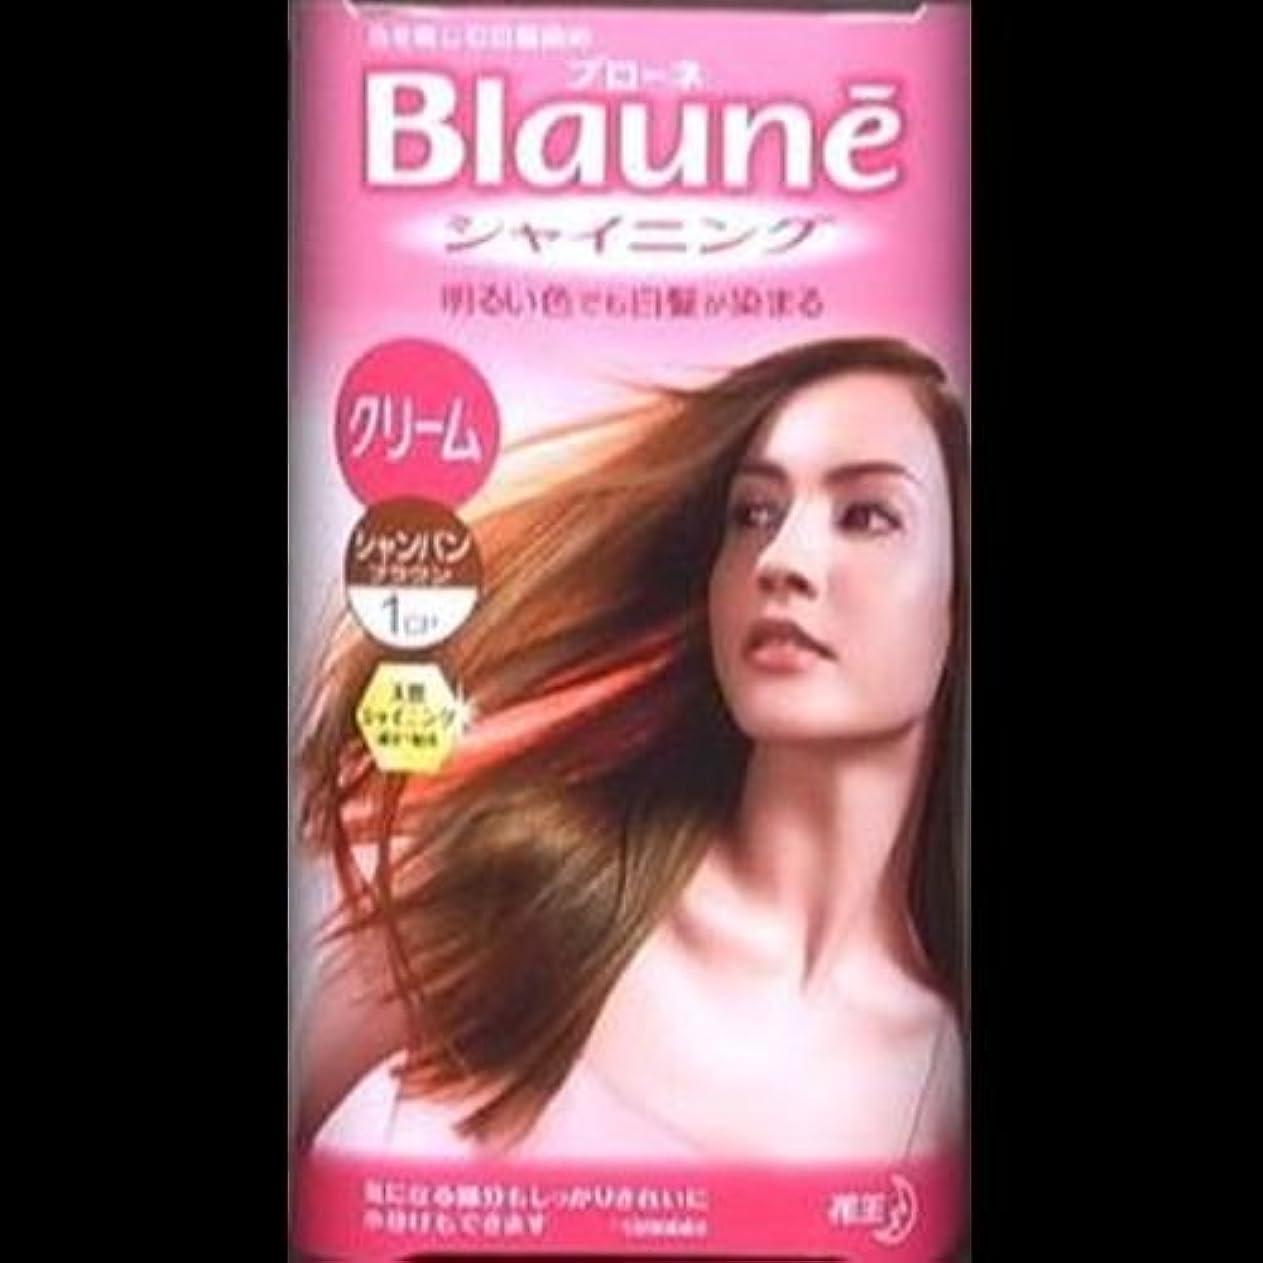 データベースオーバーラン活性化【まとめ買い】ブローネシャイニングヘアカラークリーム 1CP シャンパンブラウン ×2セット